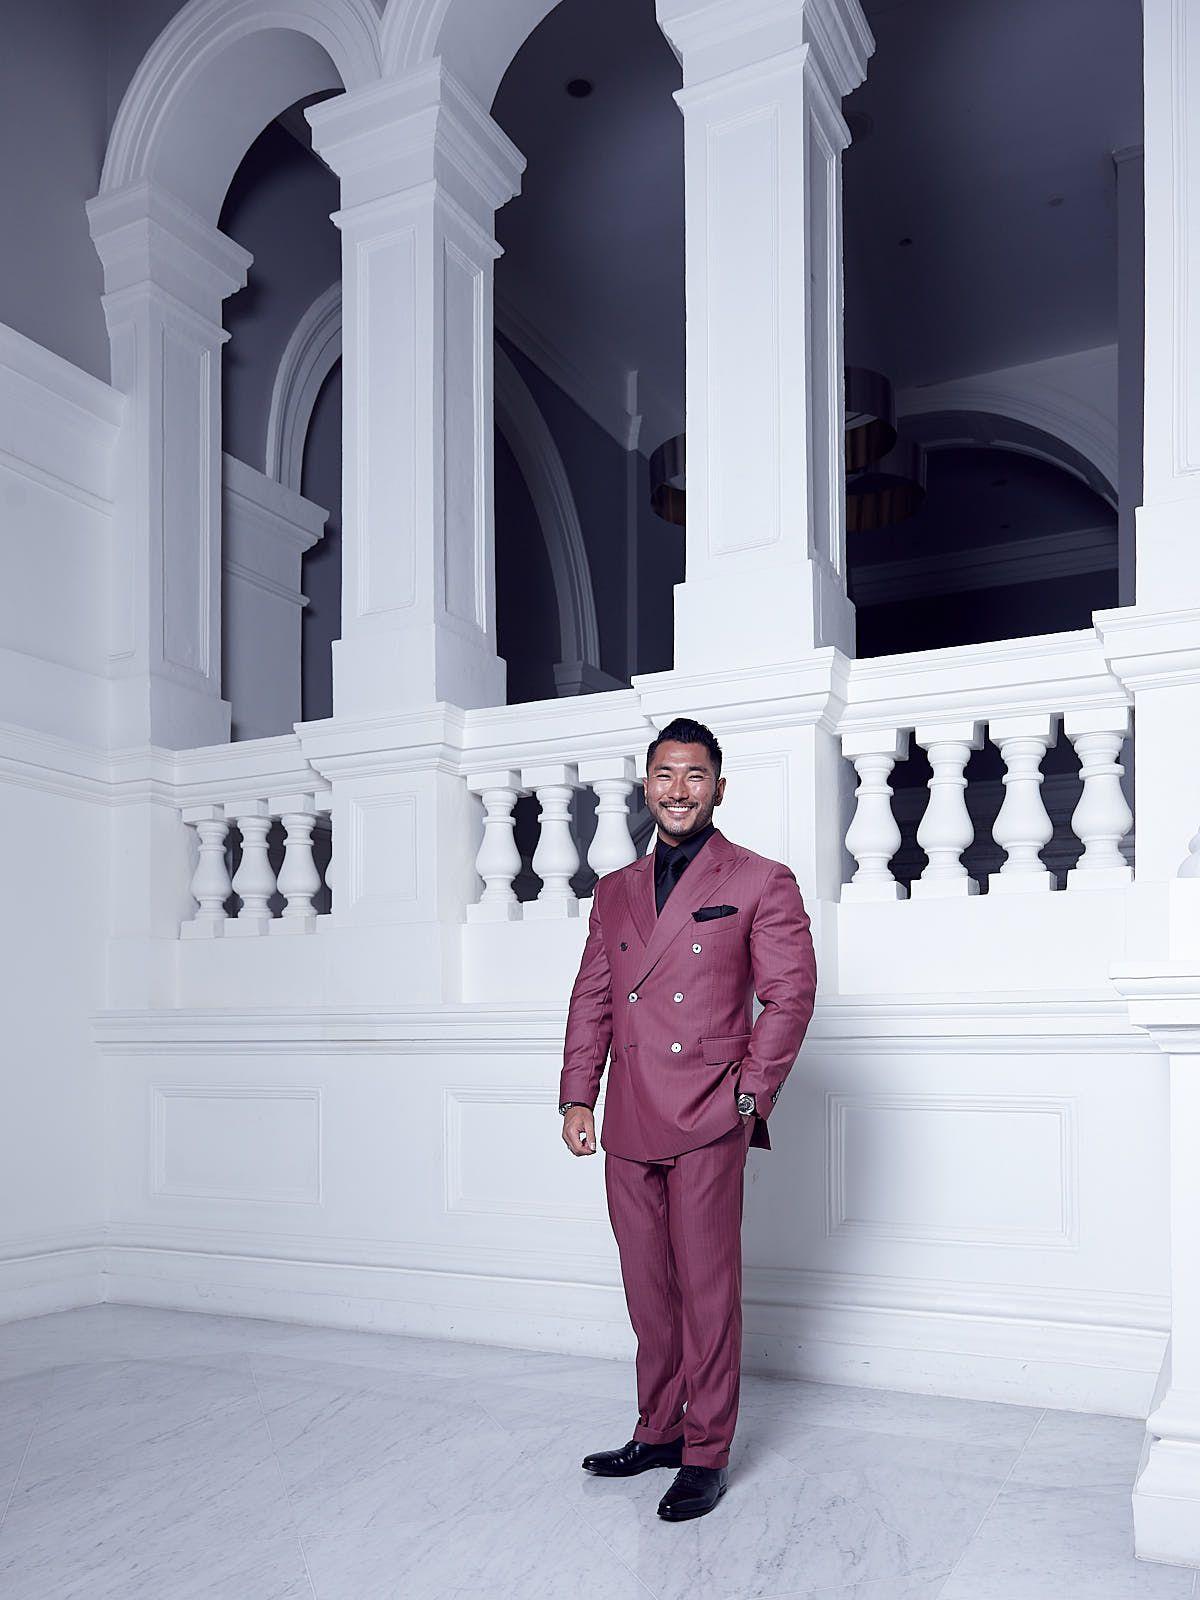 Shinji Yamasaki in a custom suit